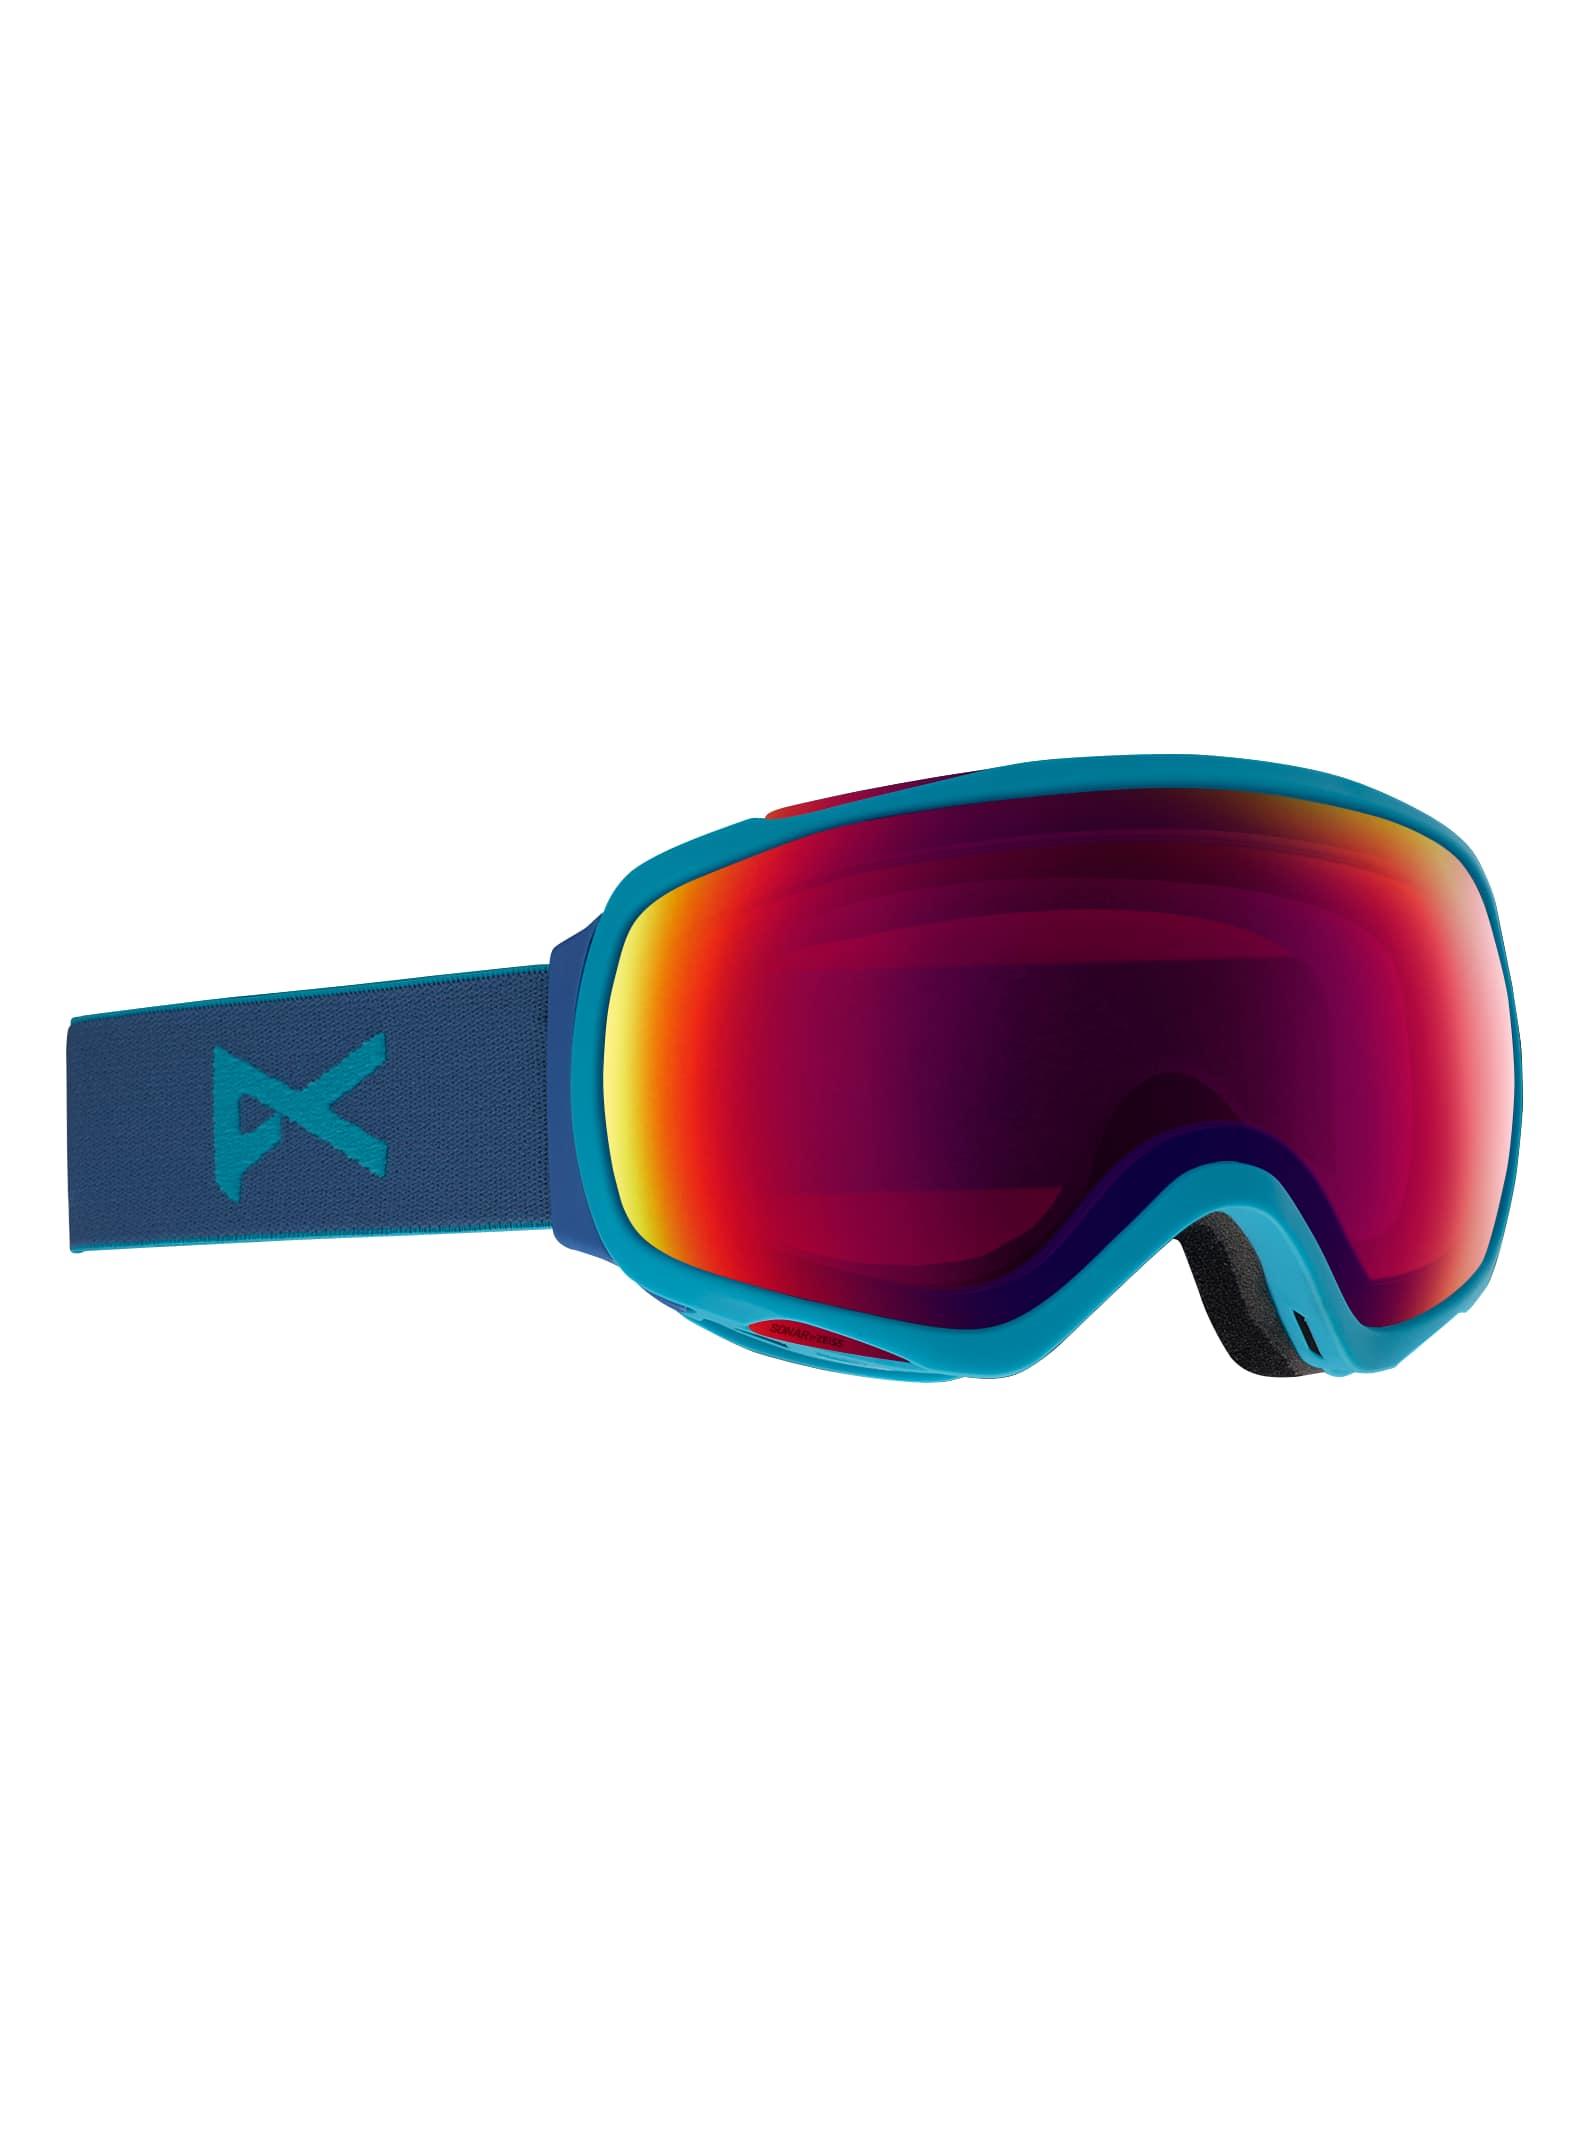 Anon Tempest skidglasögon för damer, Frame: Blue, Lens: SONAR Infrared Blue by Zeiss